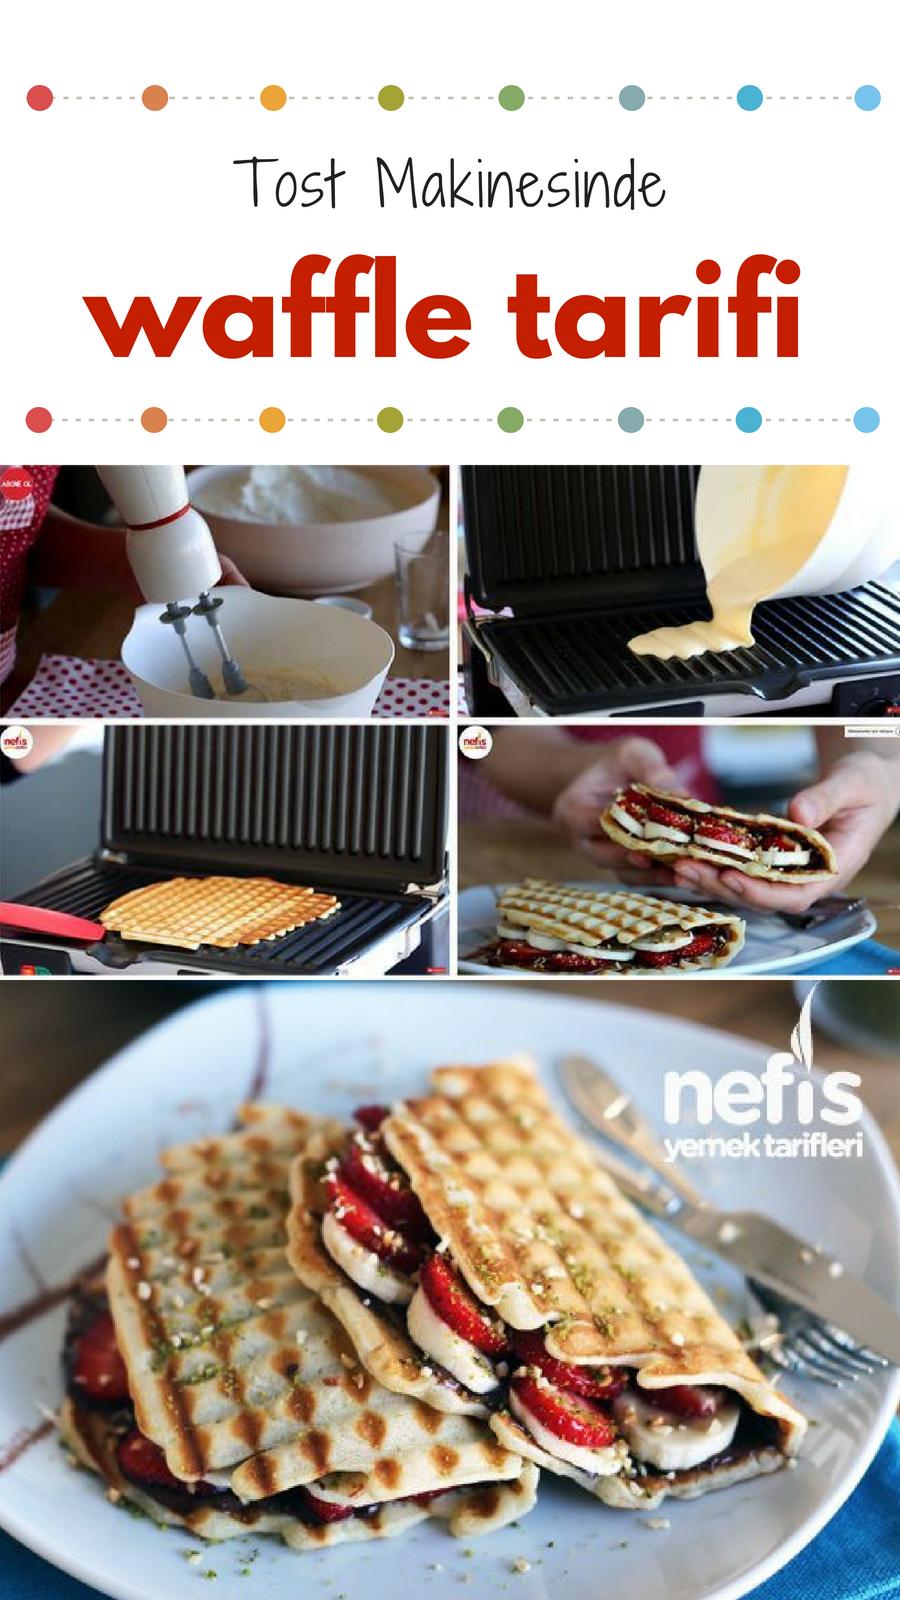 Tost makinesinde kolay waffle tarifi